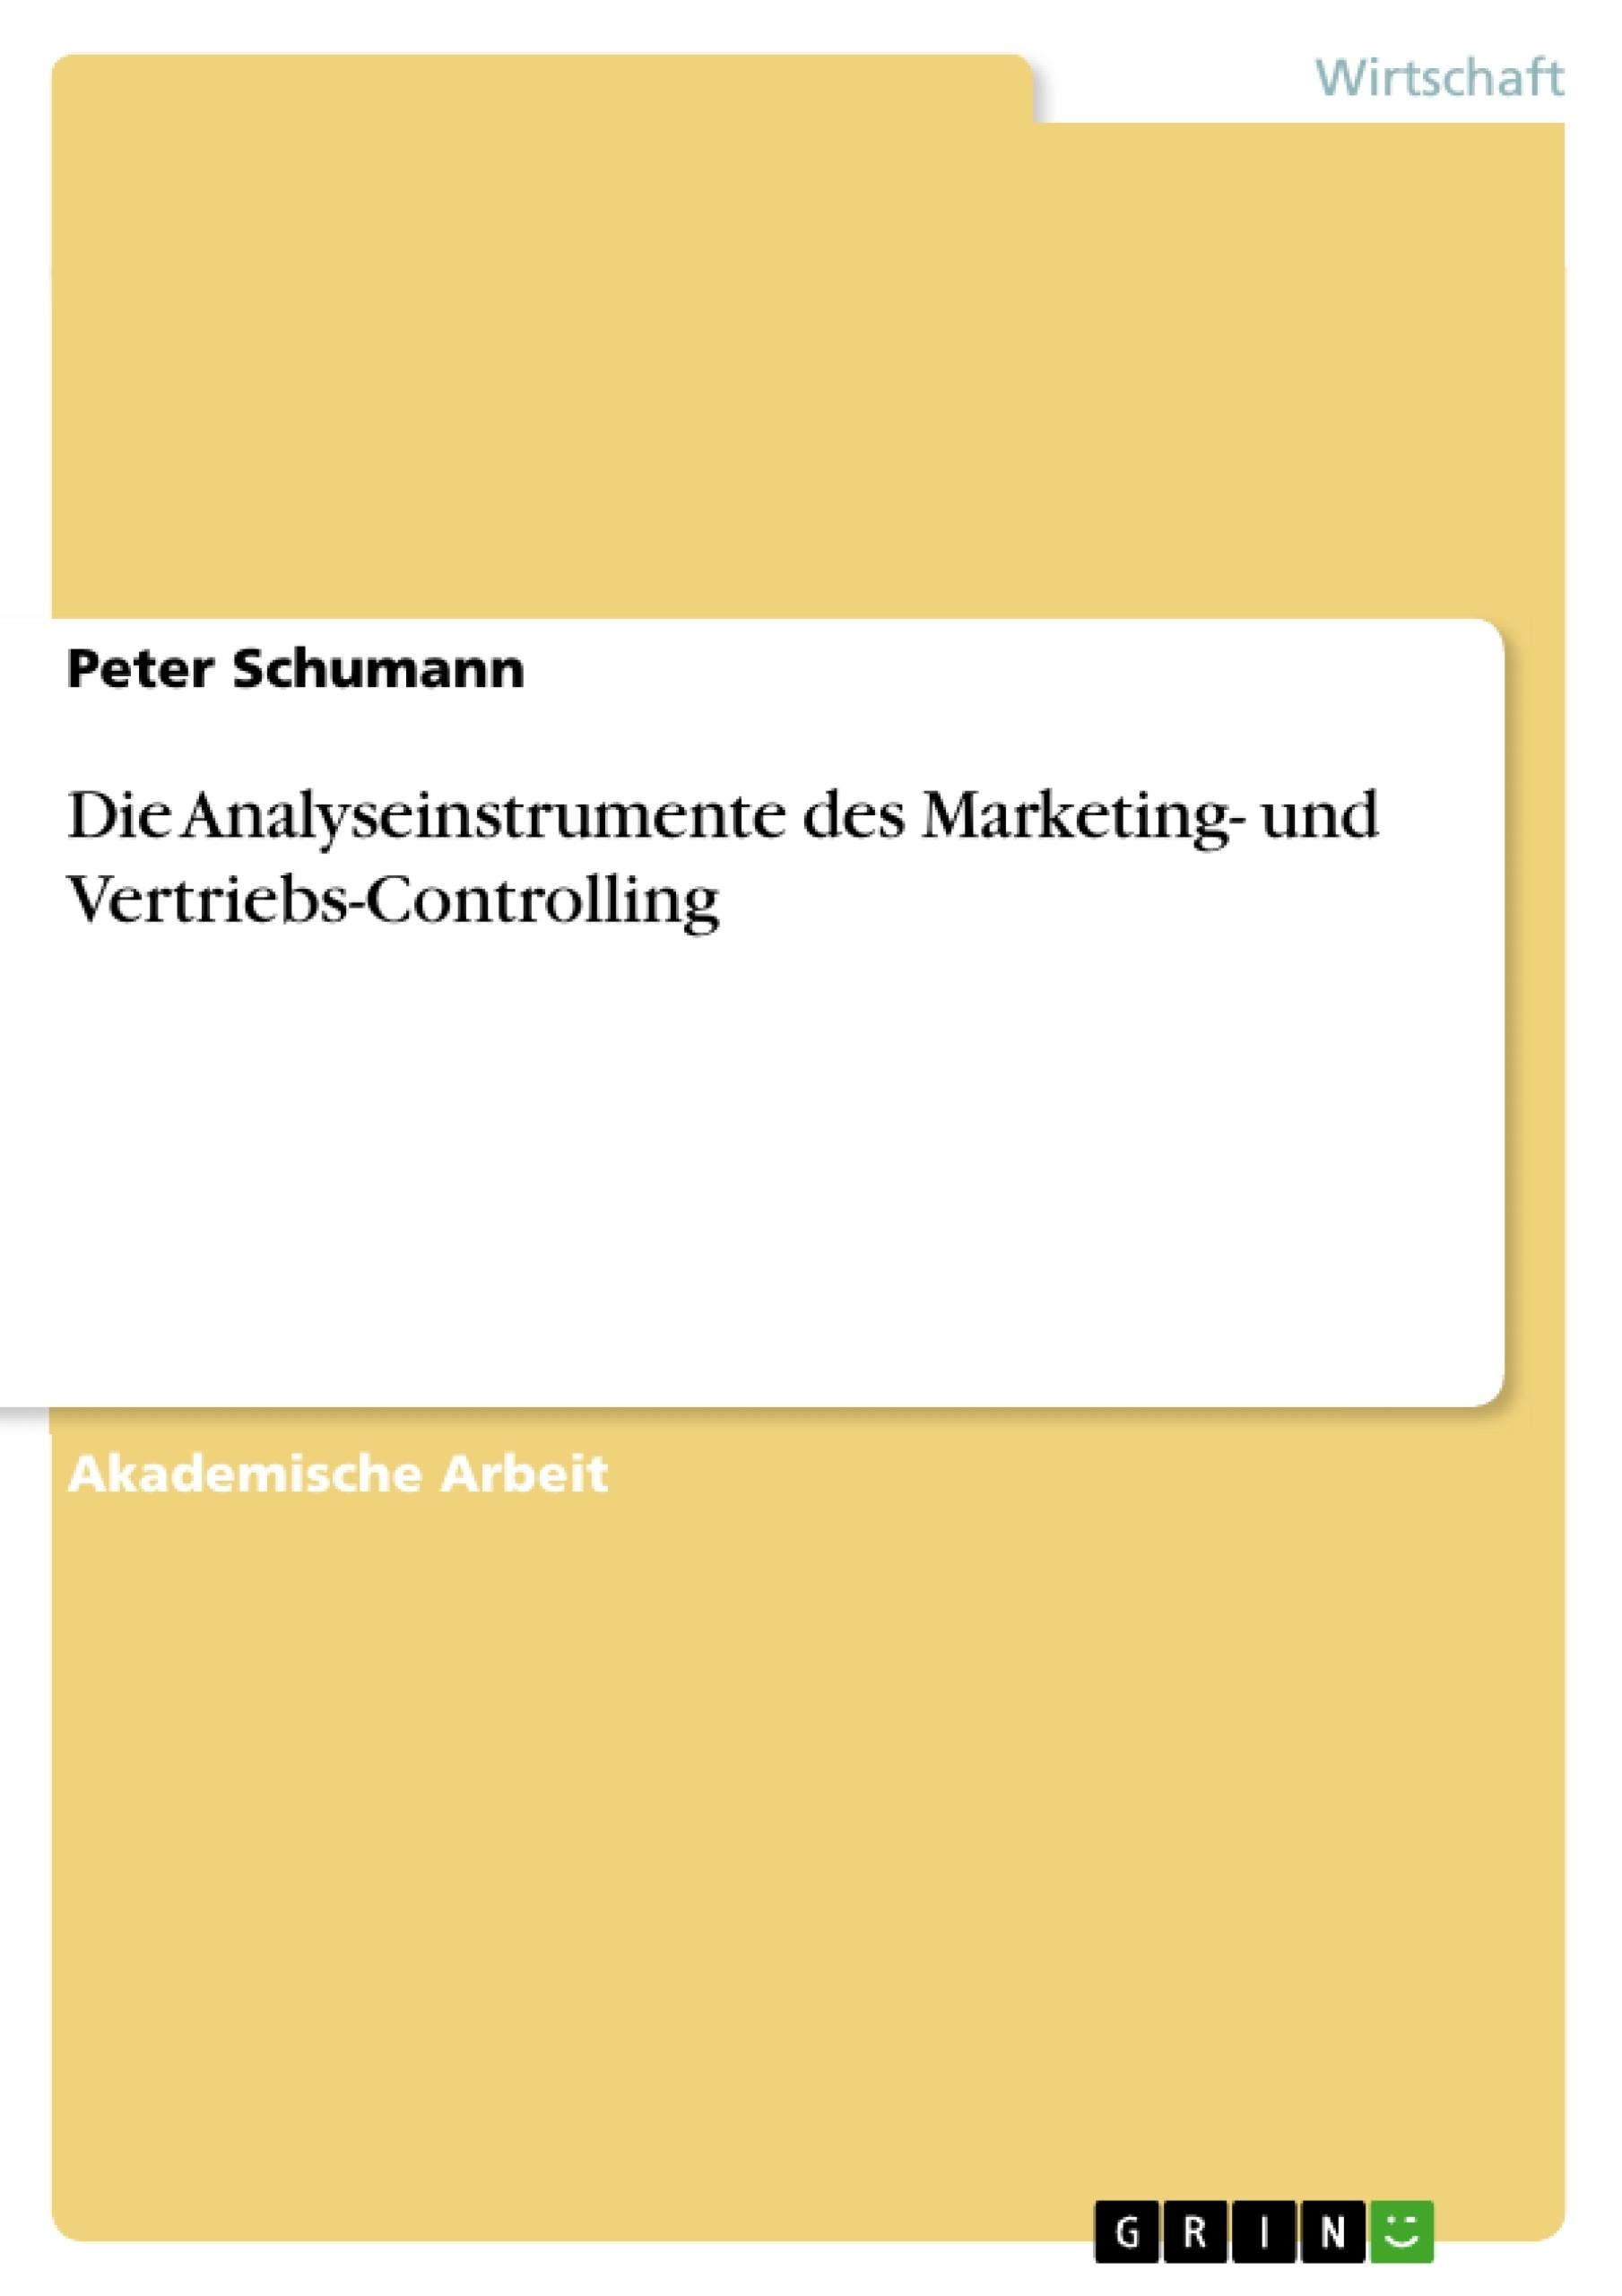 Titel: Die Analyseinstrumente des Marketing- und Vertriebs-Controlling